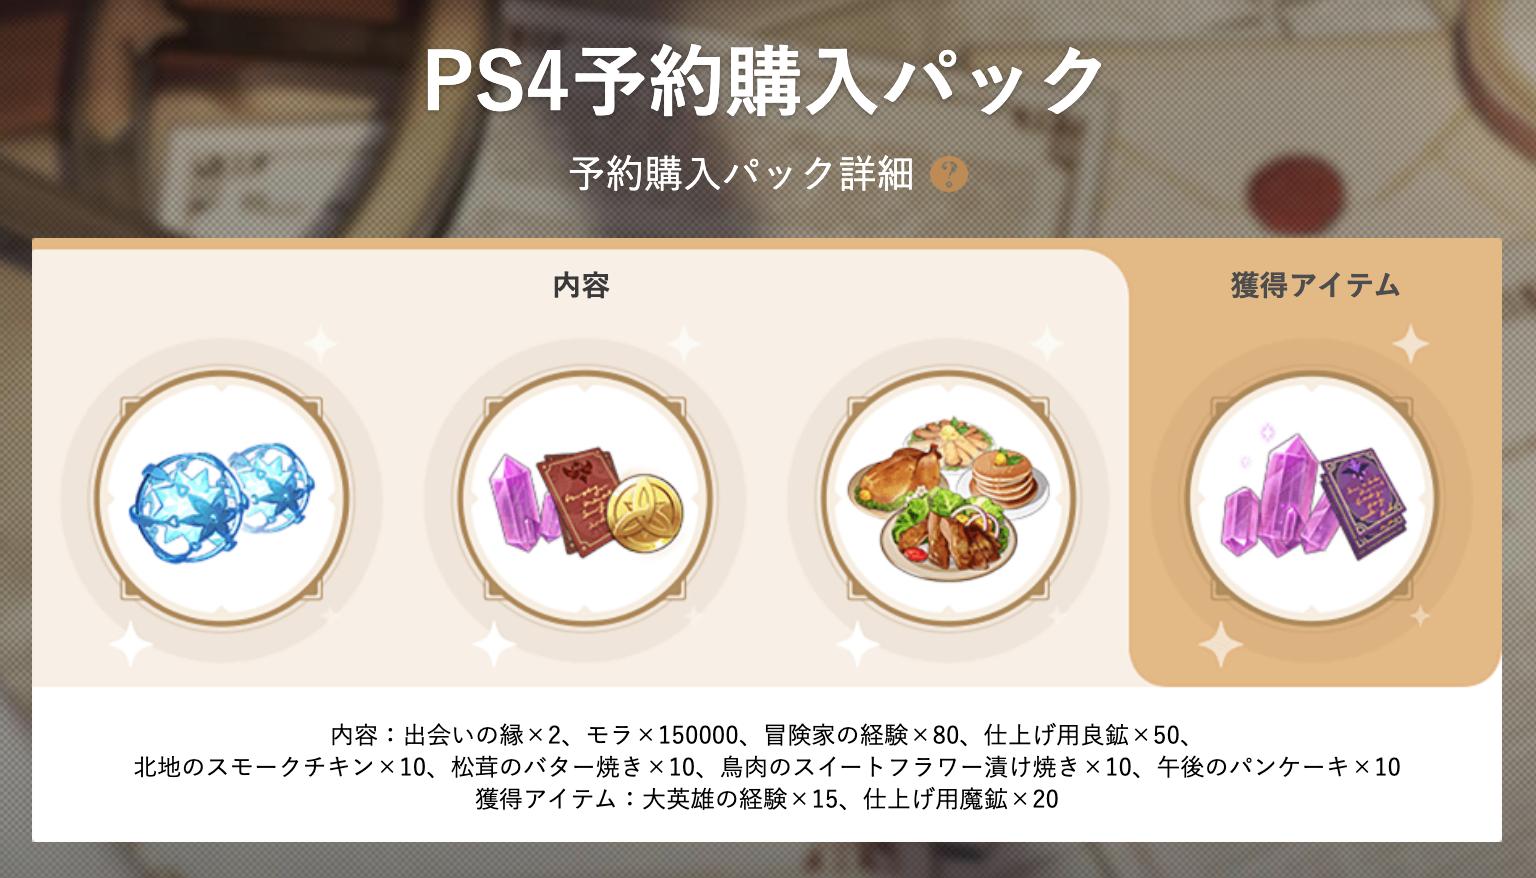 原神 - PS4予約購入パック